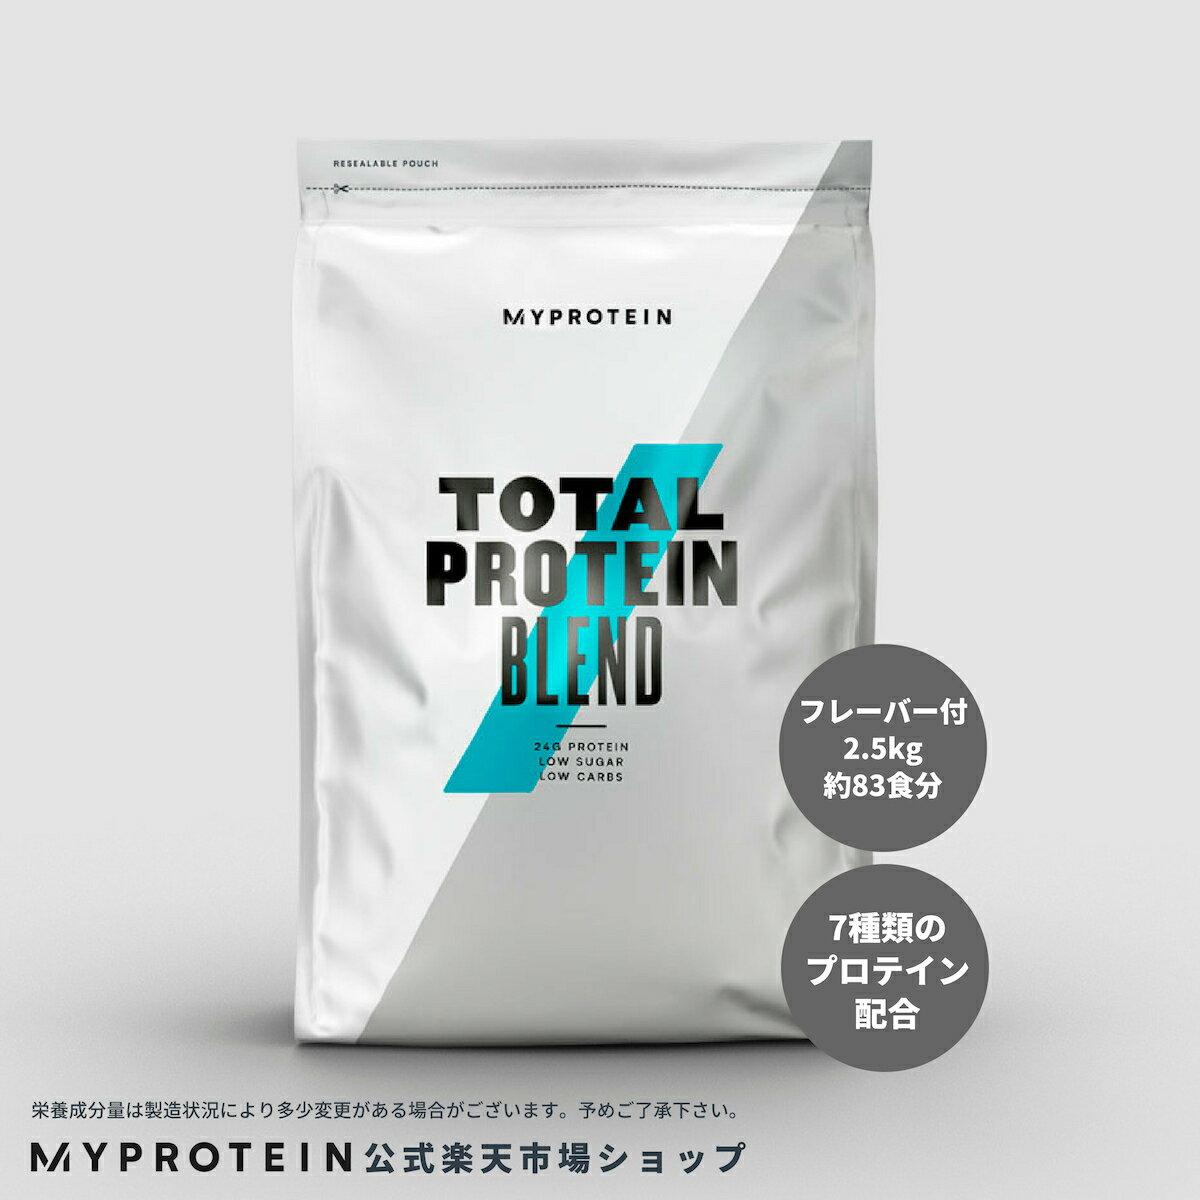 マイプロテイン 公式 【MyProtein】 トータルプロテイン(フレーバー)2.5kg 約83食分| プロテイン ホエイ ホエイプロテイン カゼインプロテイン カゼイン カルシウム バルクアップ ボディーメイク 低糖 糖質制限【楽天海外直送】